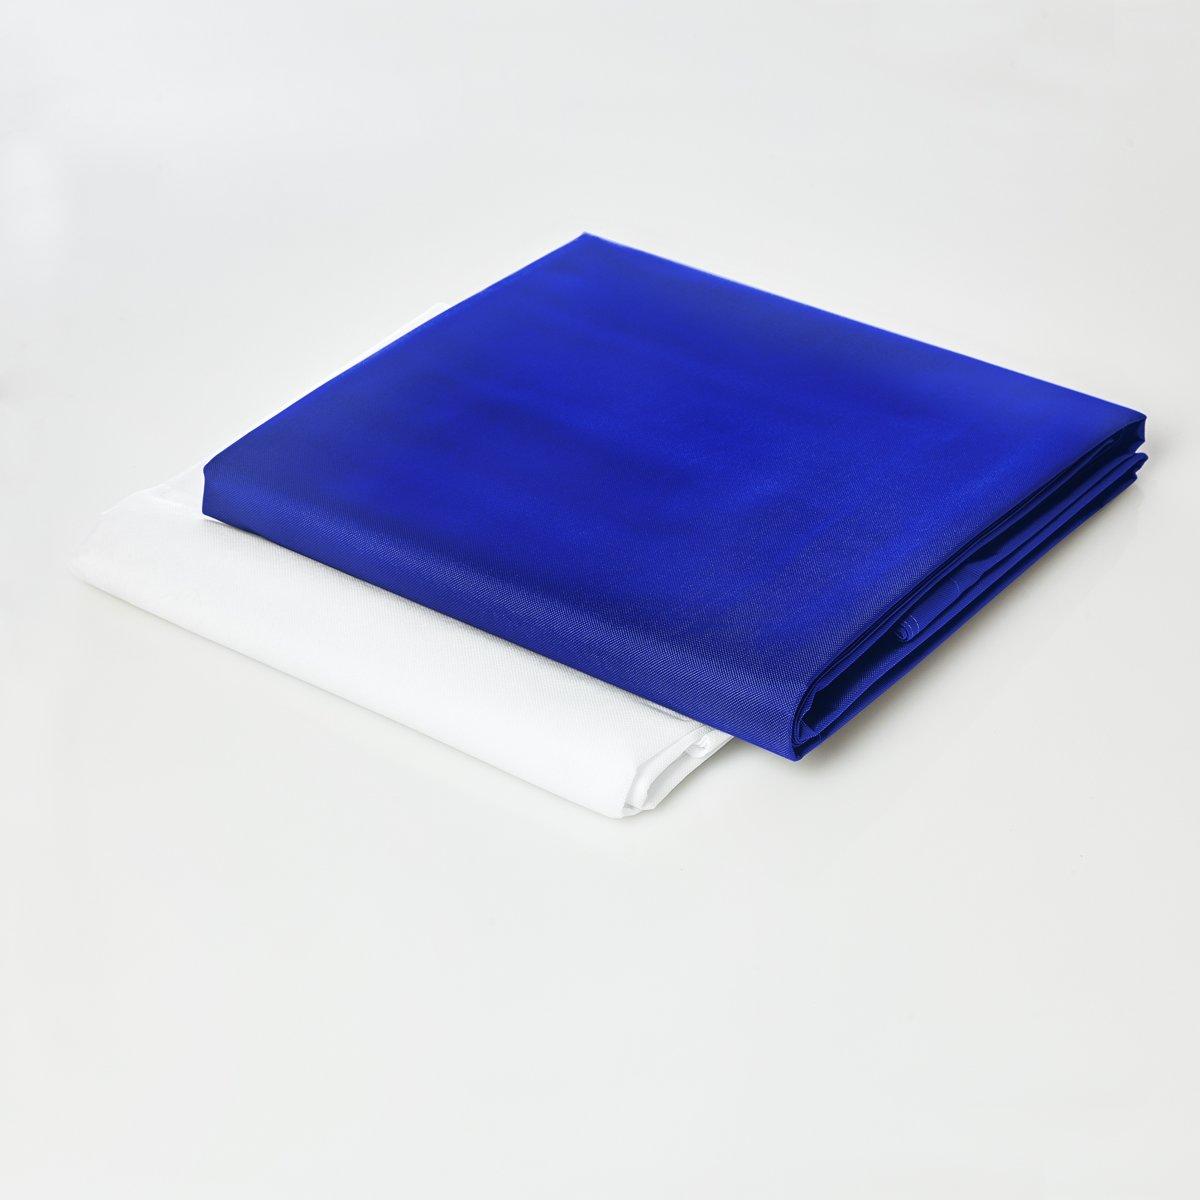 Lumaland - Hoes van luxe XXL zitzak - enkel de hoes zonder vulling - Volume 380 liter - 140 x 180 cm - gemaakt van PVC / Polyester - Royalblue kopen